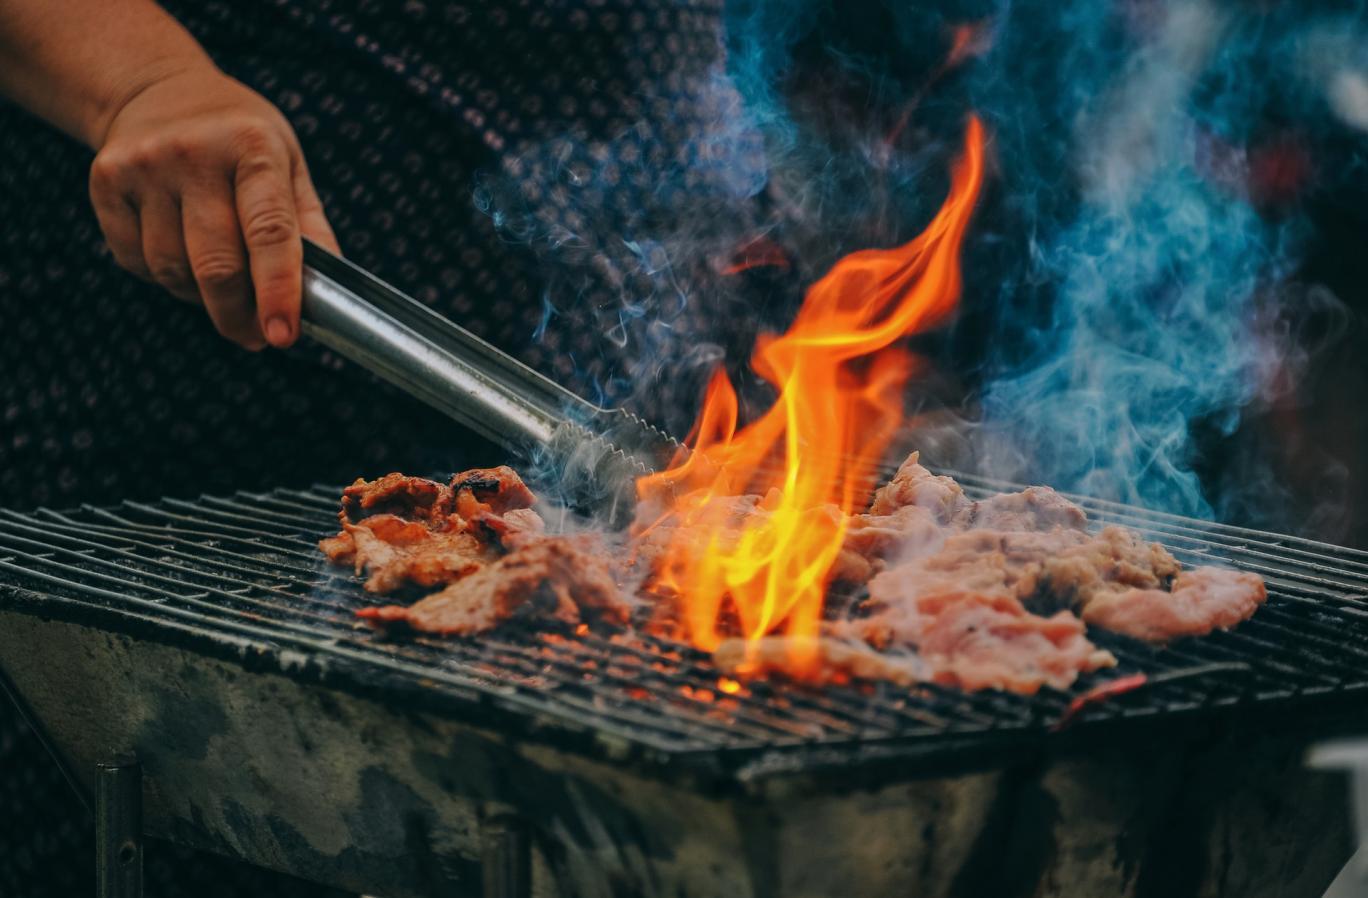 گوشت خواری بیش از اندازه چه بر سر شما می آورد؟!